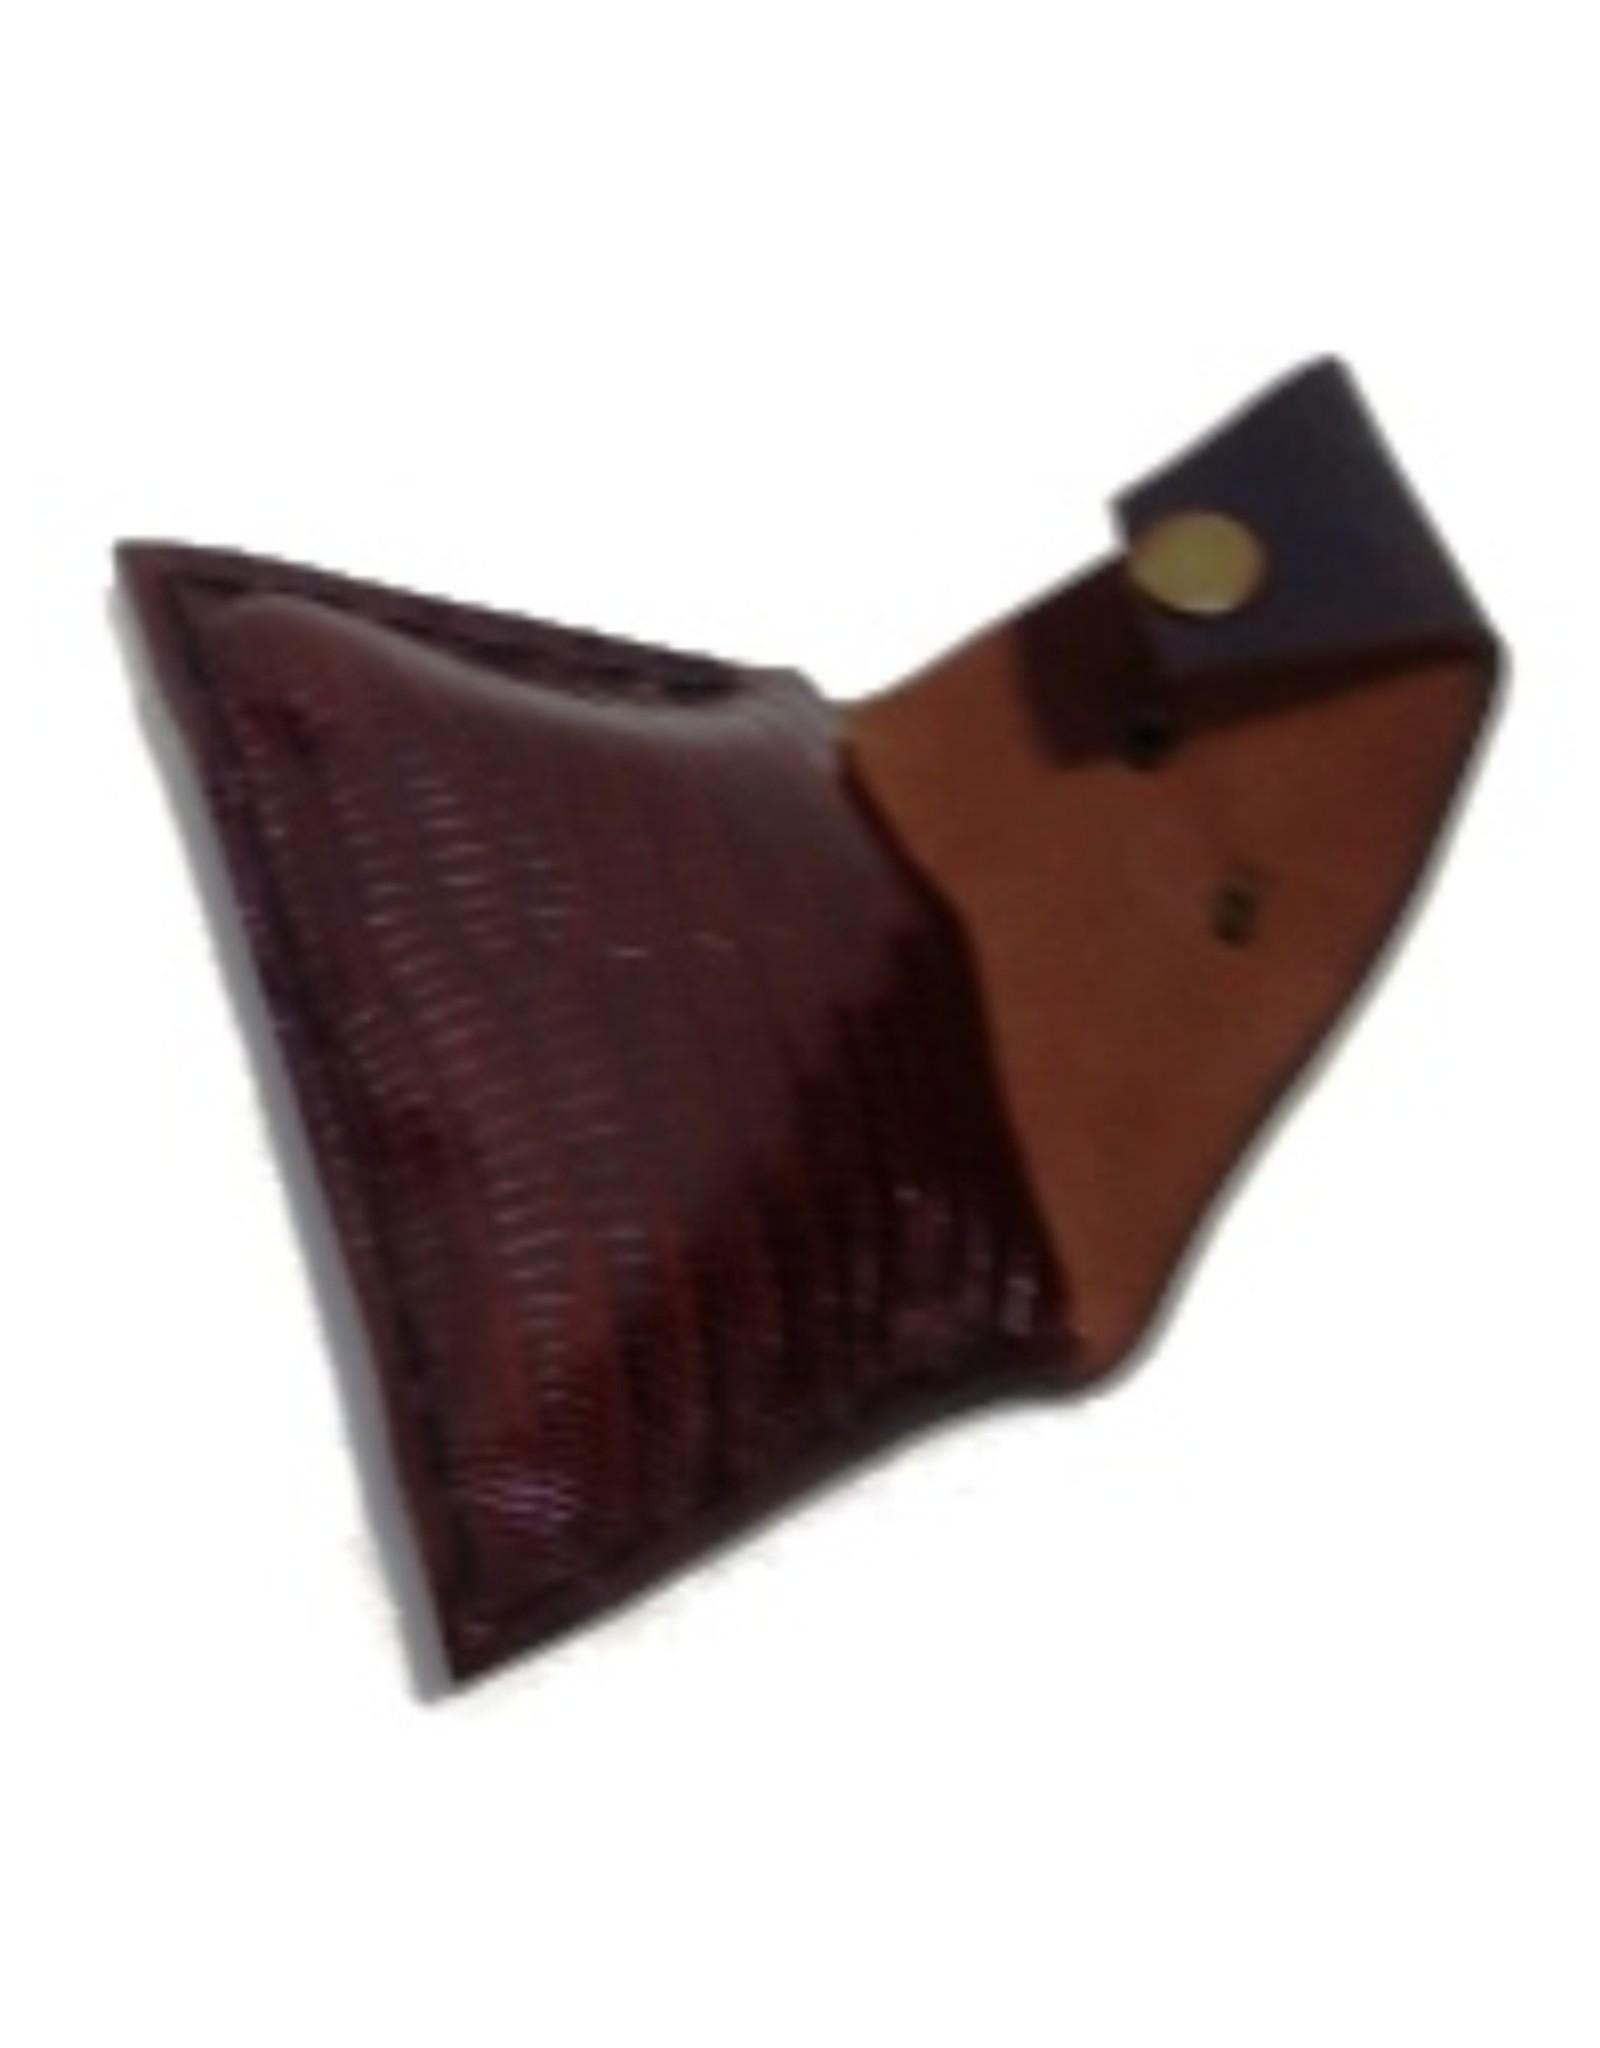 Antonio Duran Leather Wallets - Handmade Antonio Duran P02